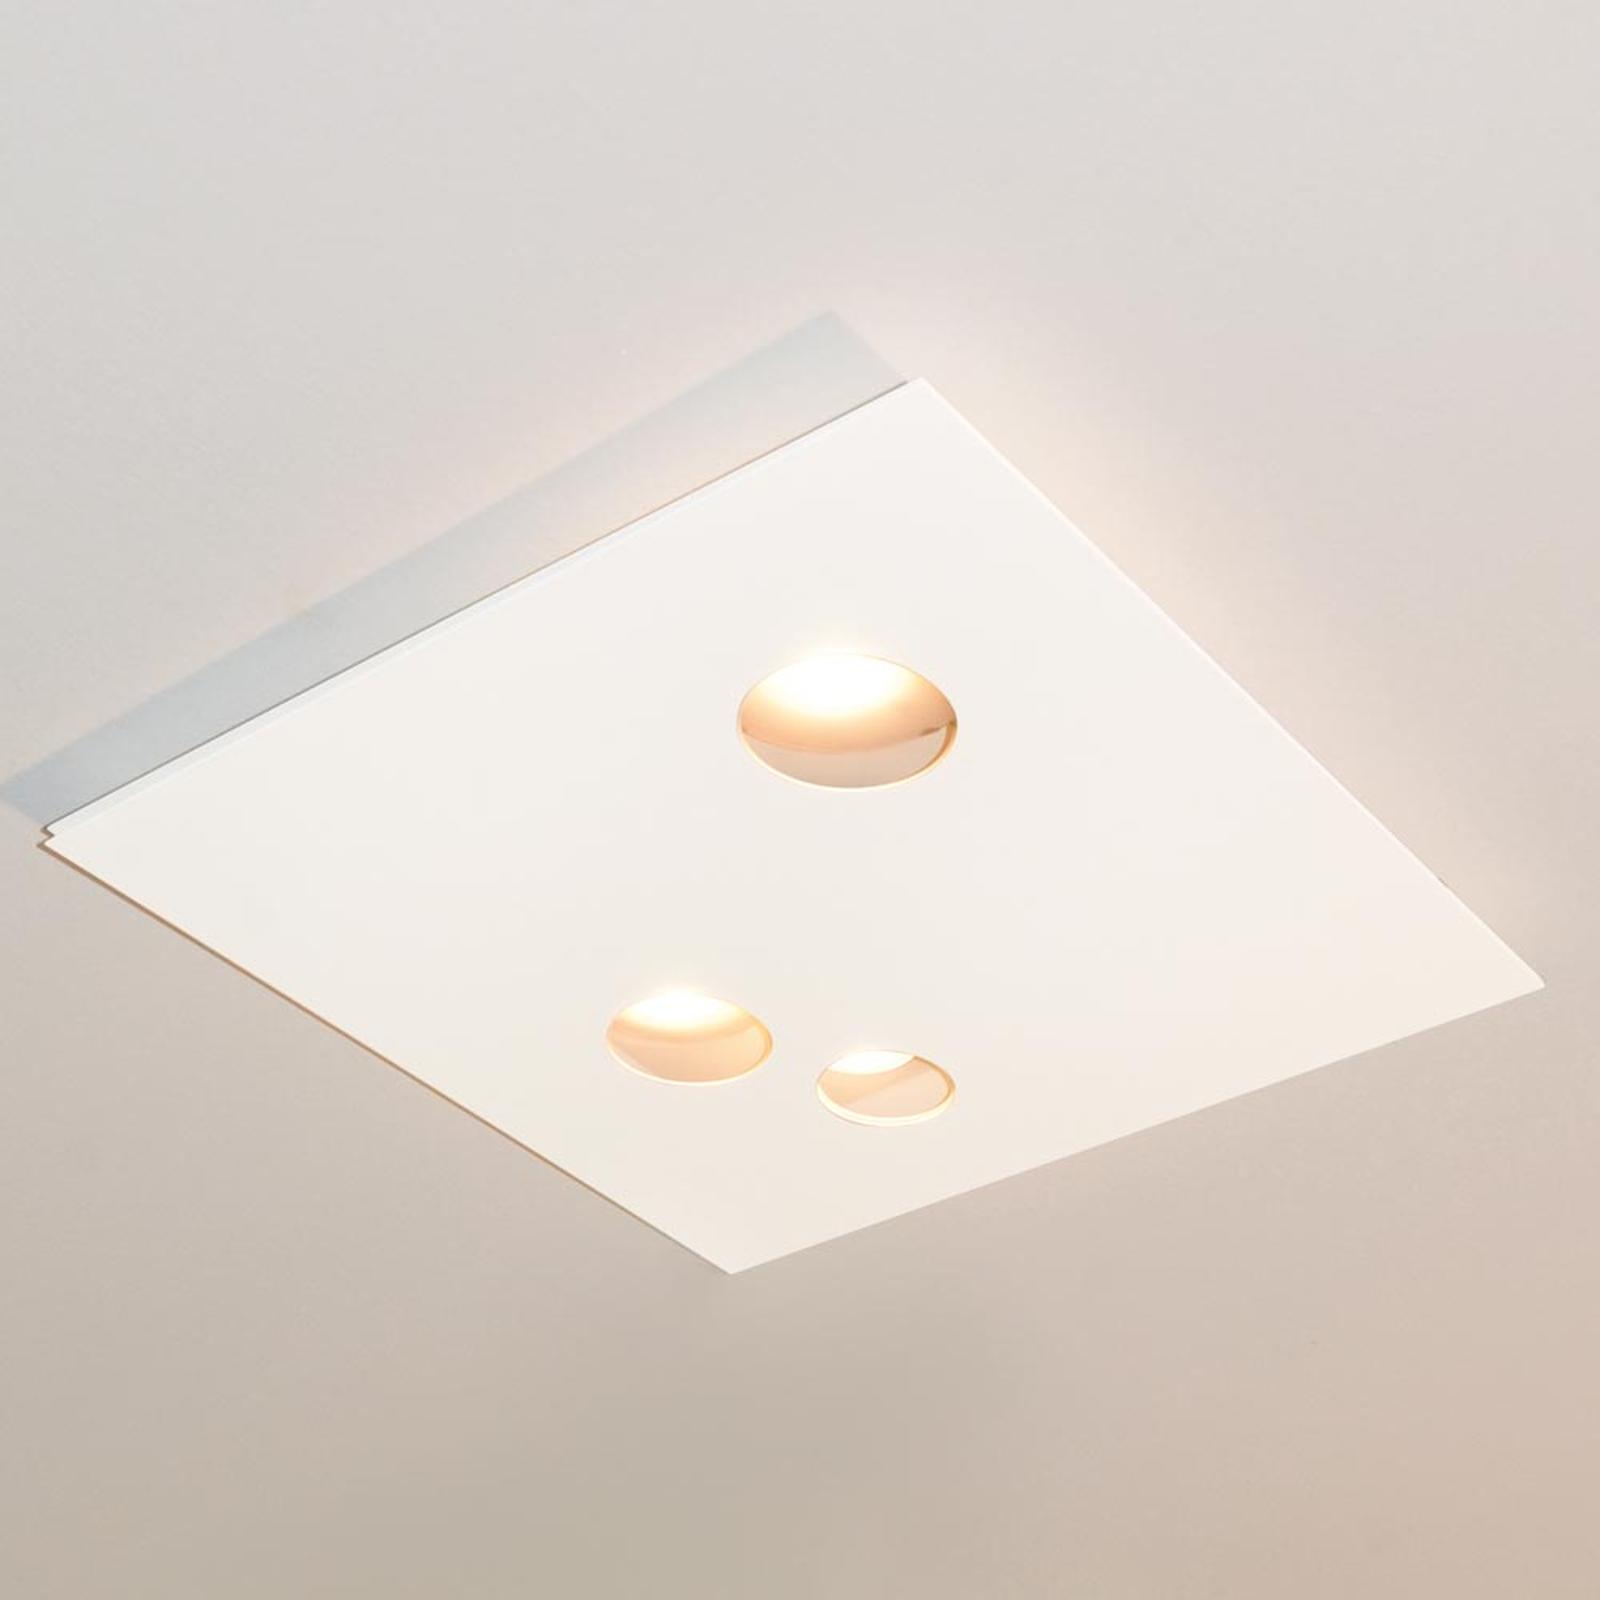 Acquista Plafoniera LED Des.agn con fori rotondi